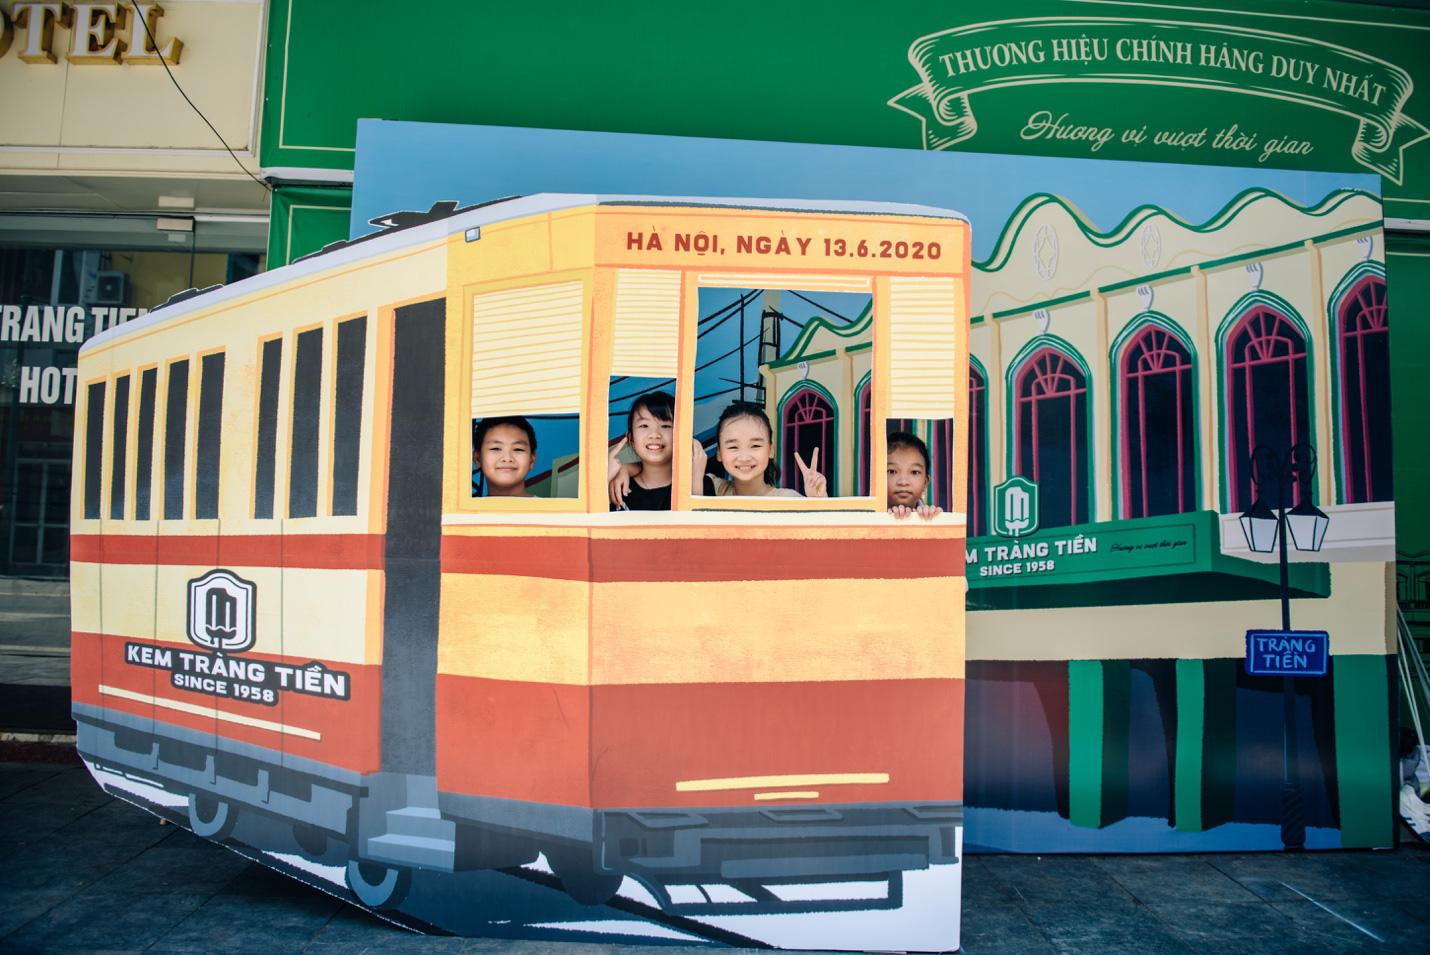 Dường như cả Hà Nội đều đang đổ về phố Tràng Tiền ăn kem, check-in với tàu điện xưa! - Ảnh 4.